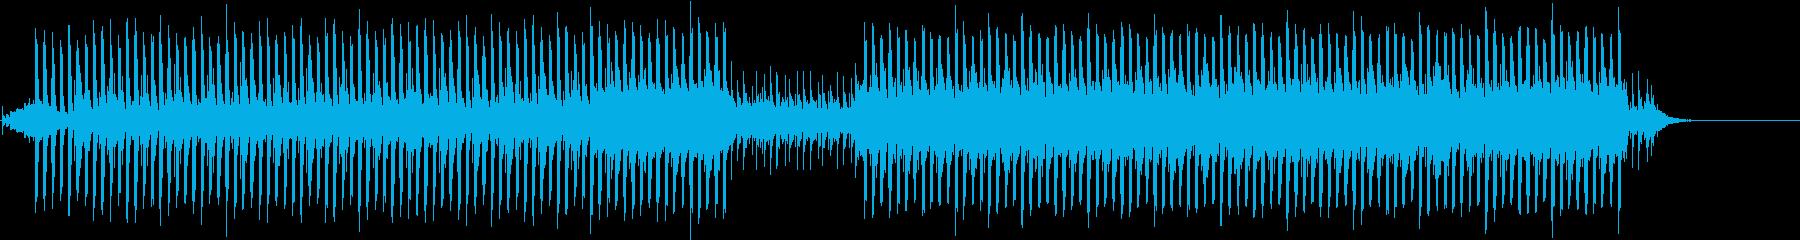 リフレインとビートの落ち着いたポップスの再生済みの波形